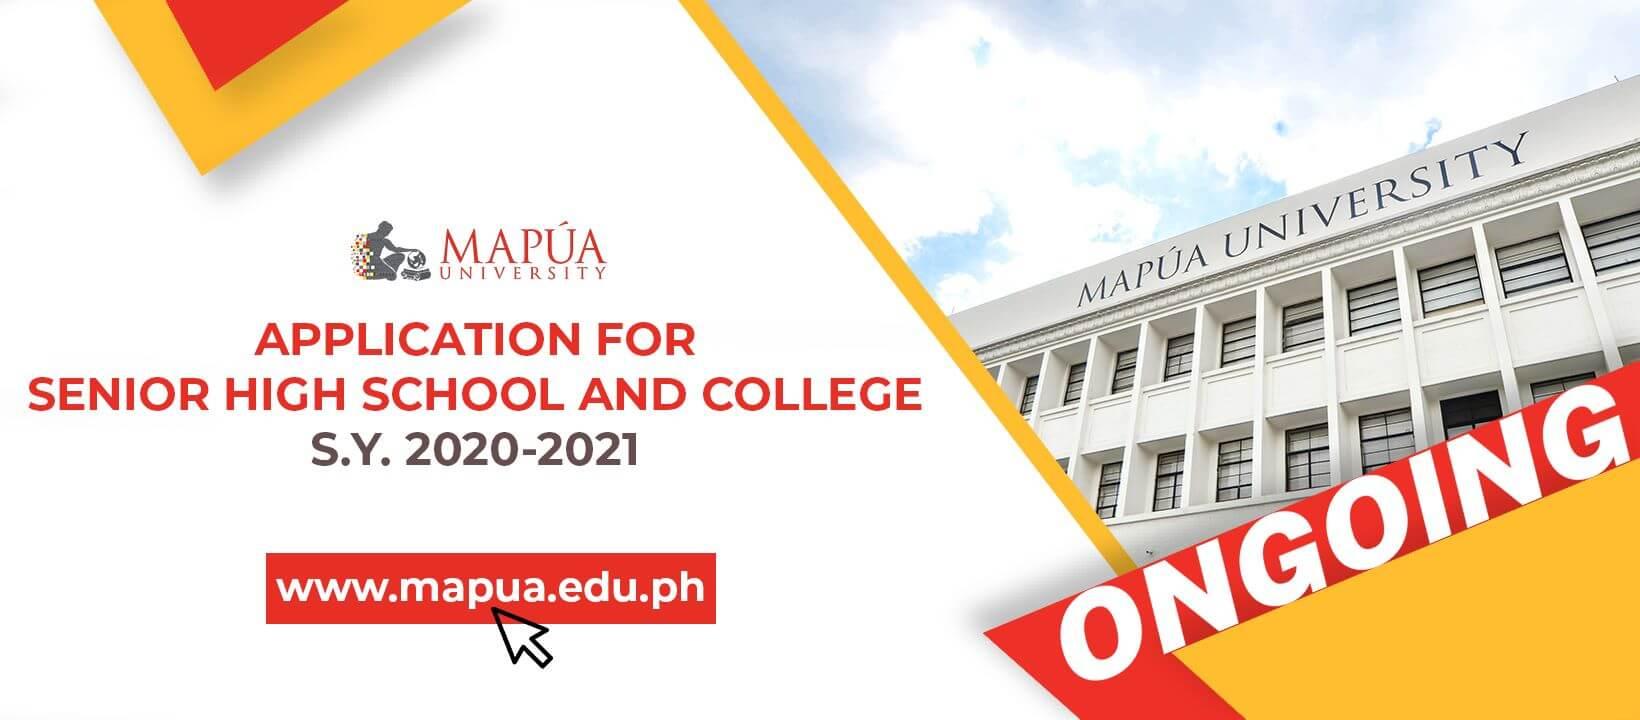 Mapua University - Manila